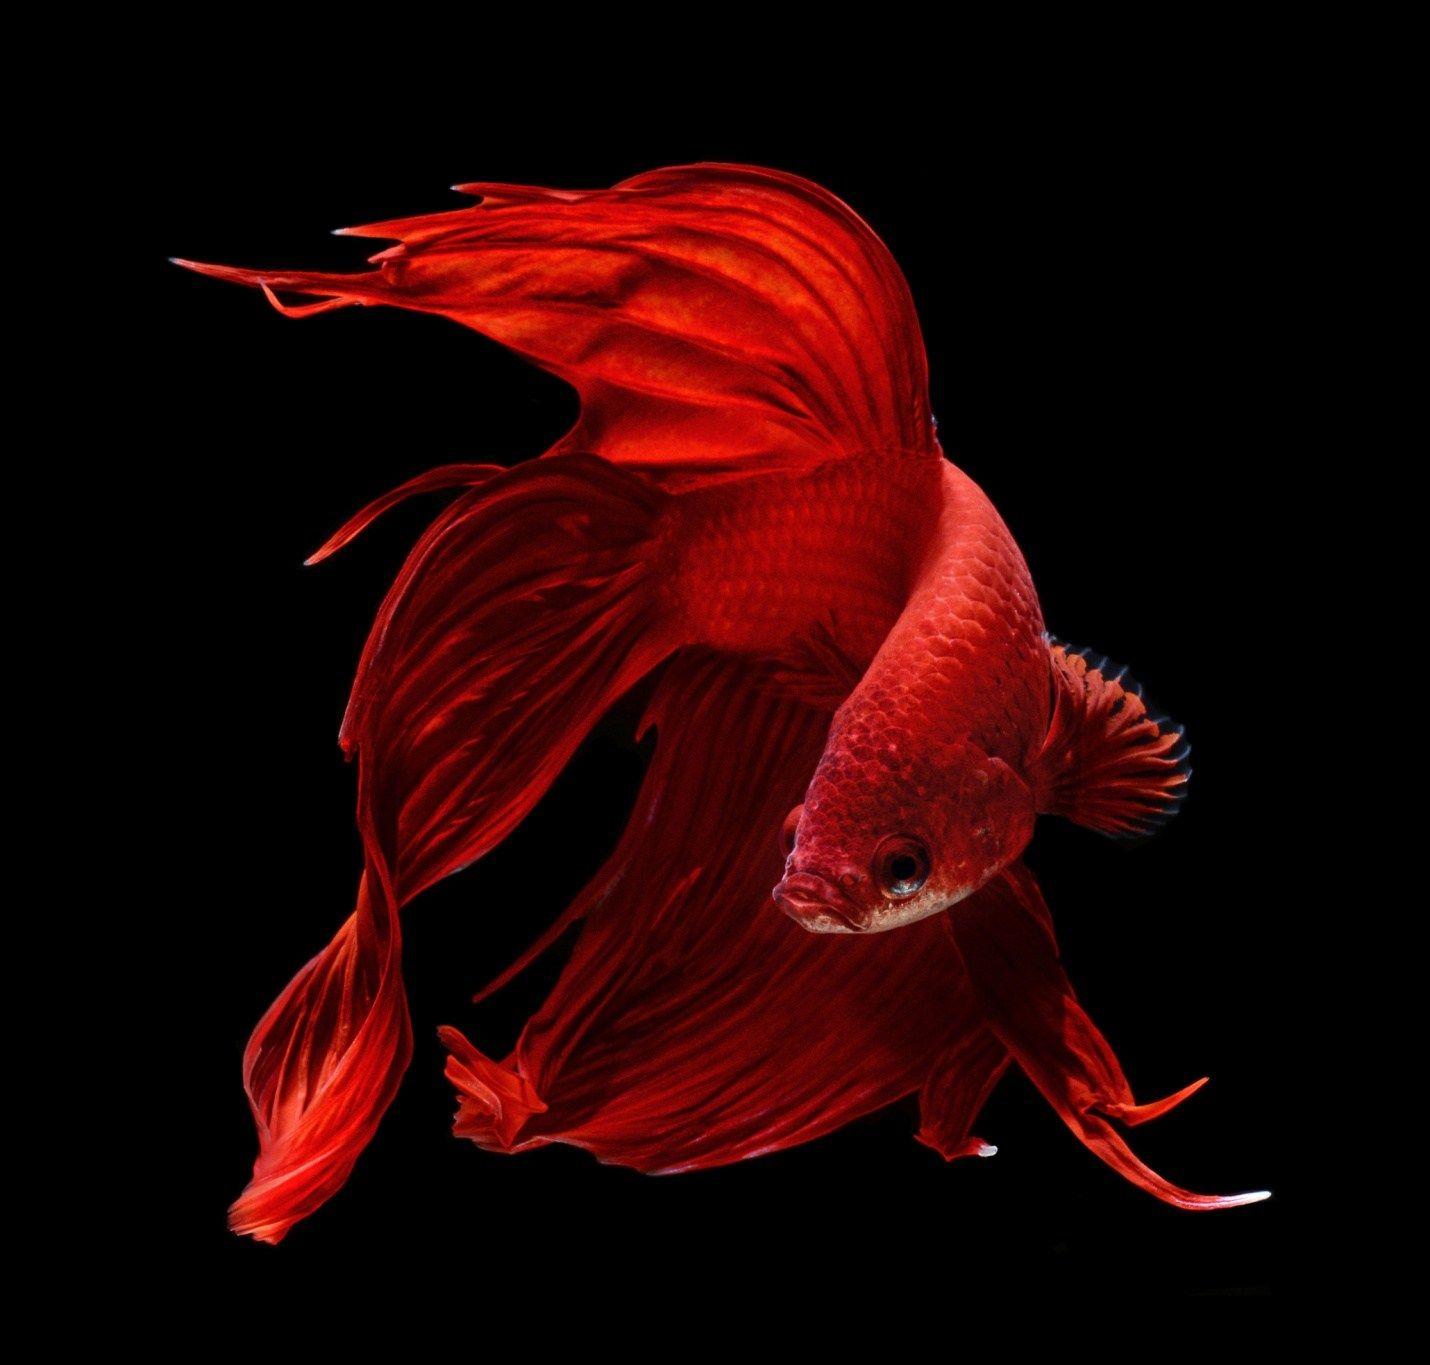 Fotografía de peces | Peces | Pinterest | Betta, Fish and Betta fish